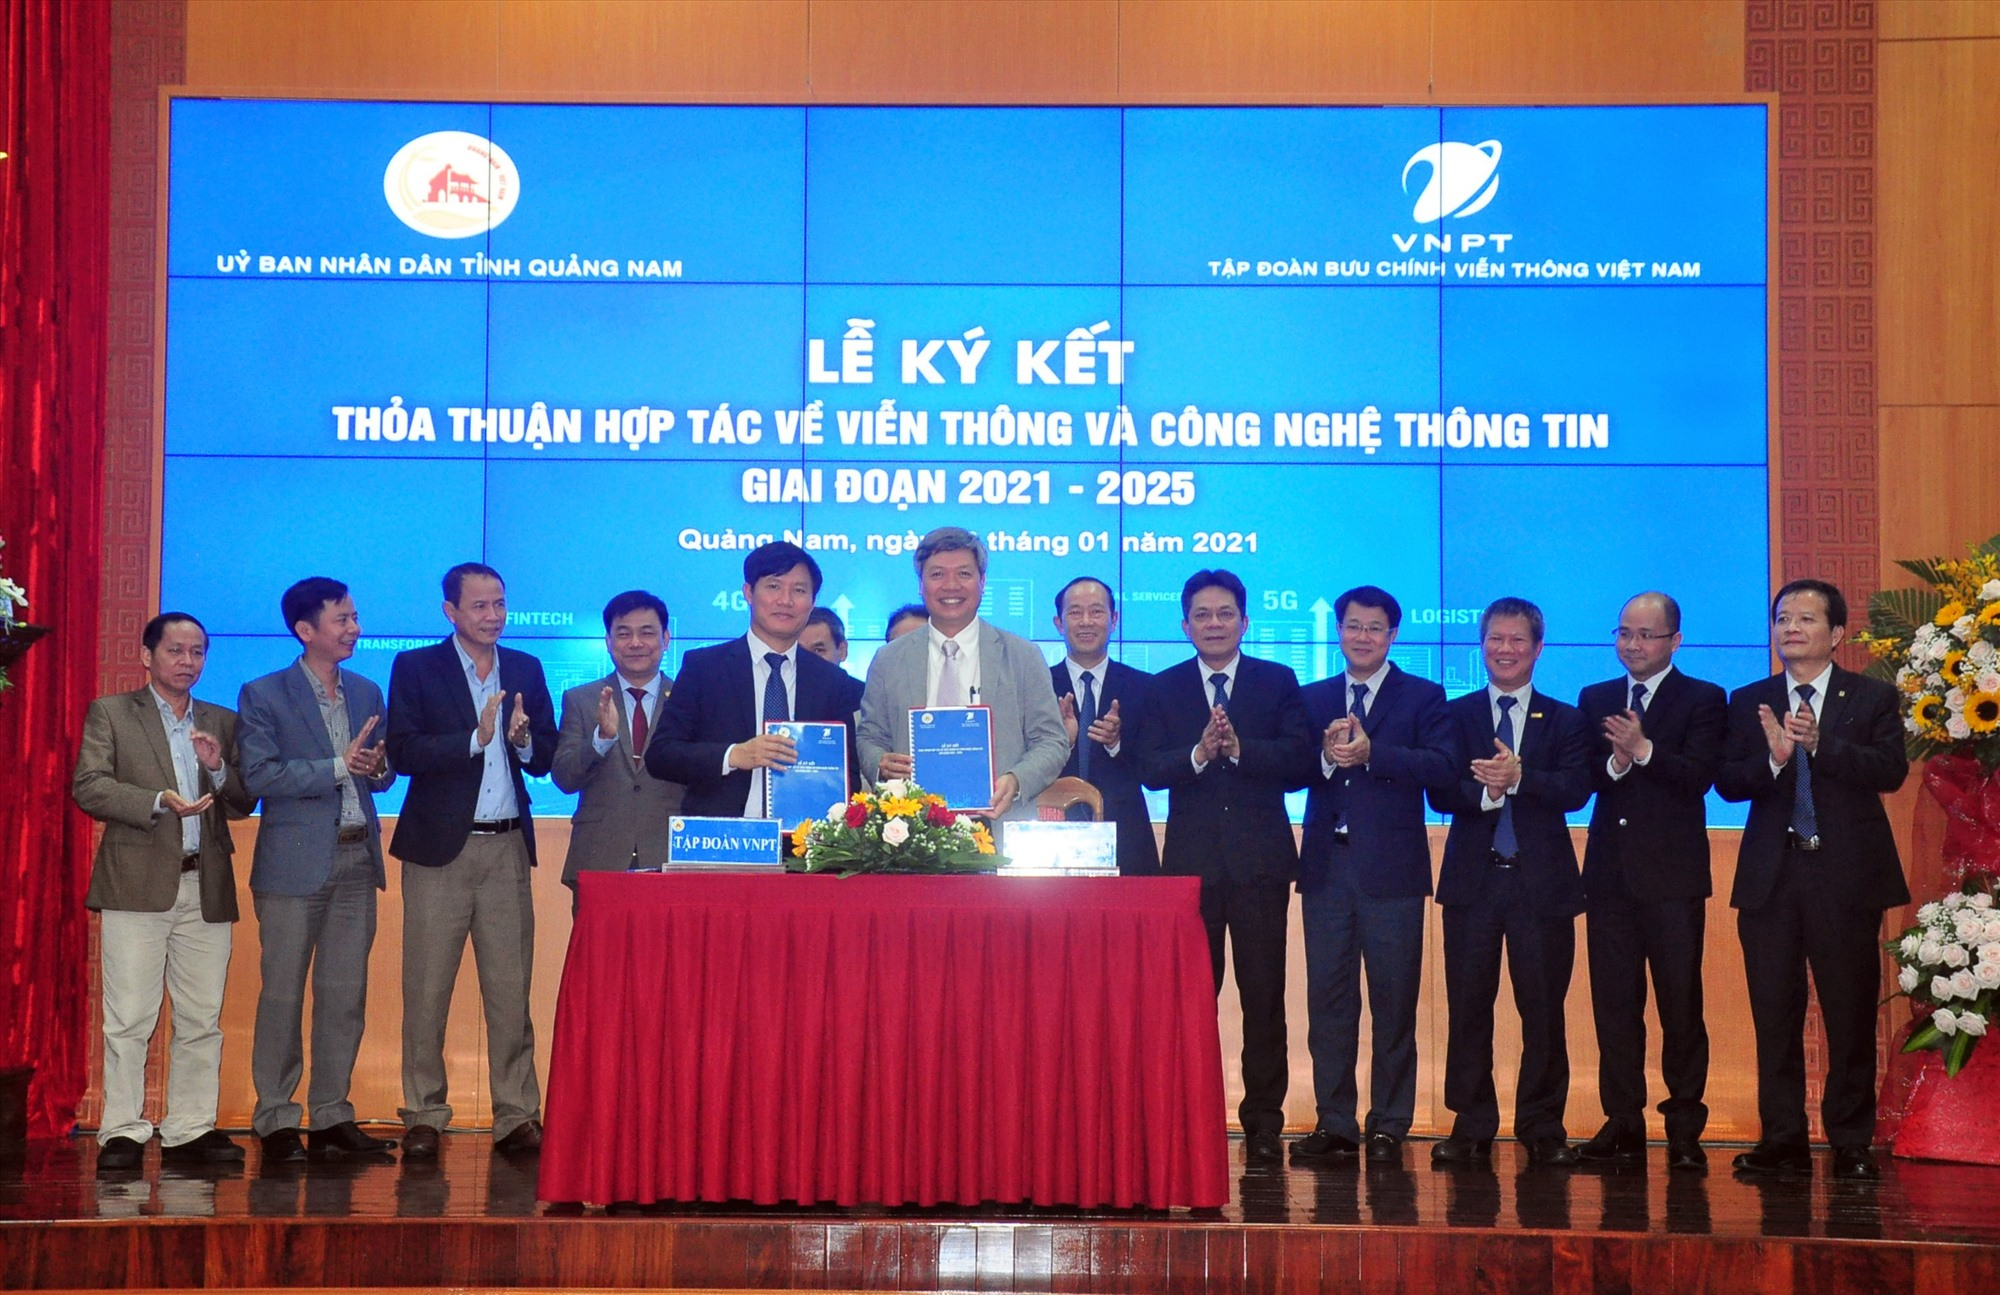 UBND tỉnh và VNPT ký kết thỏa thuận hợp tác về viễn thông và công nghệ thông tin giai đoạn 2021 - 2025. Ảnh: VINH ANH